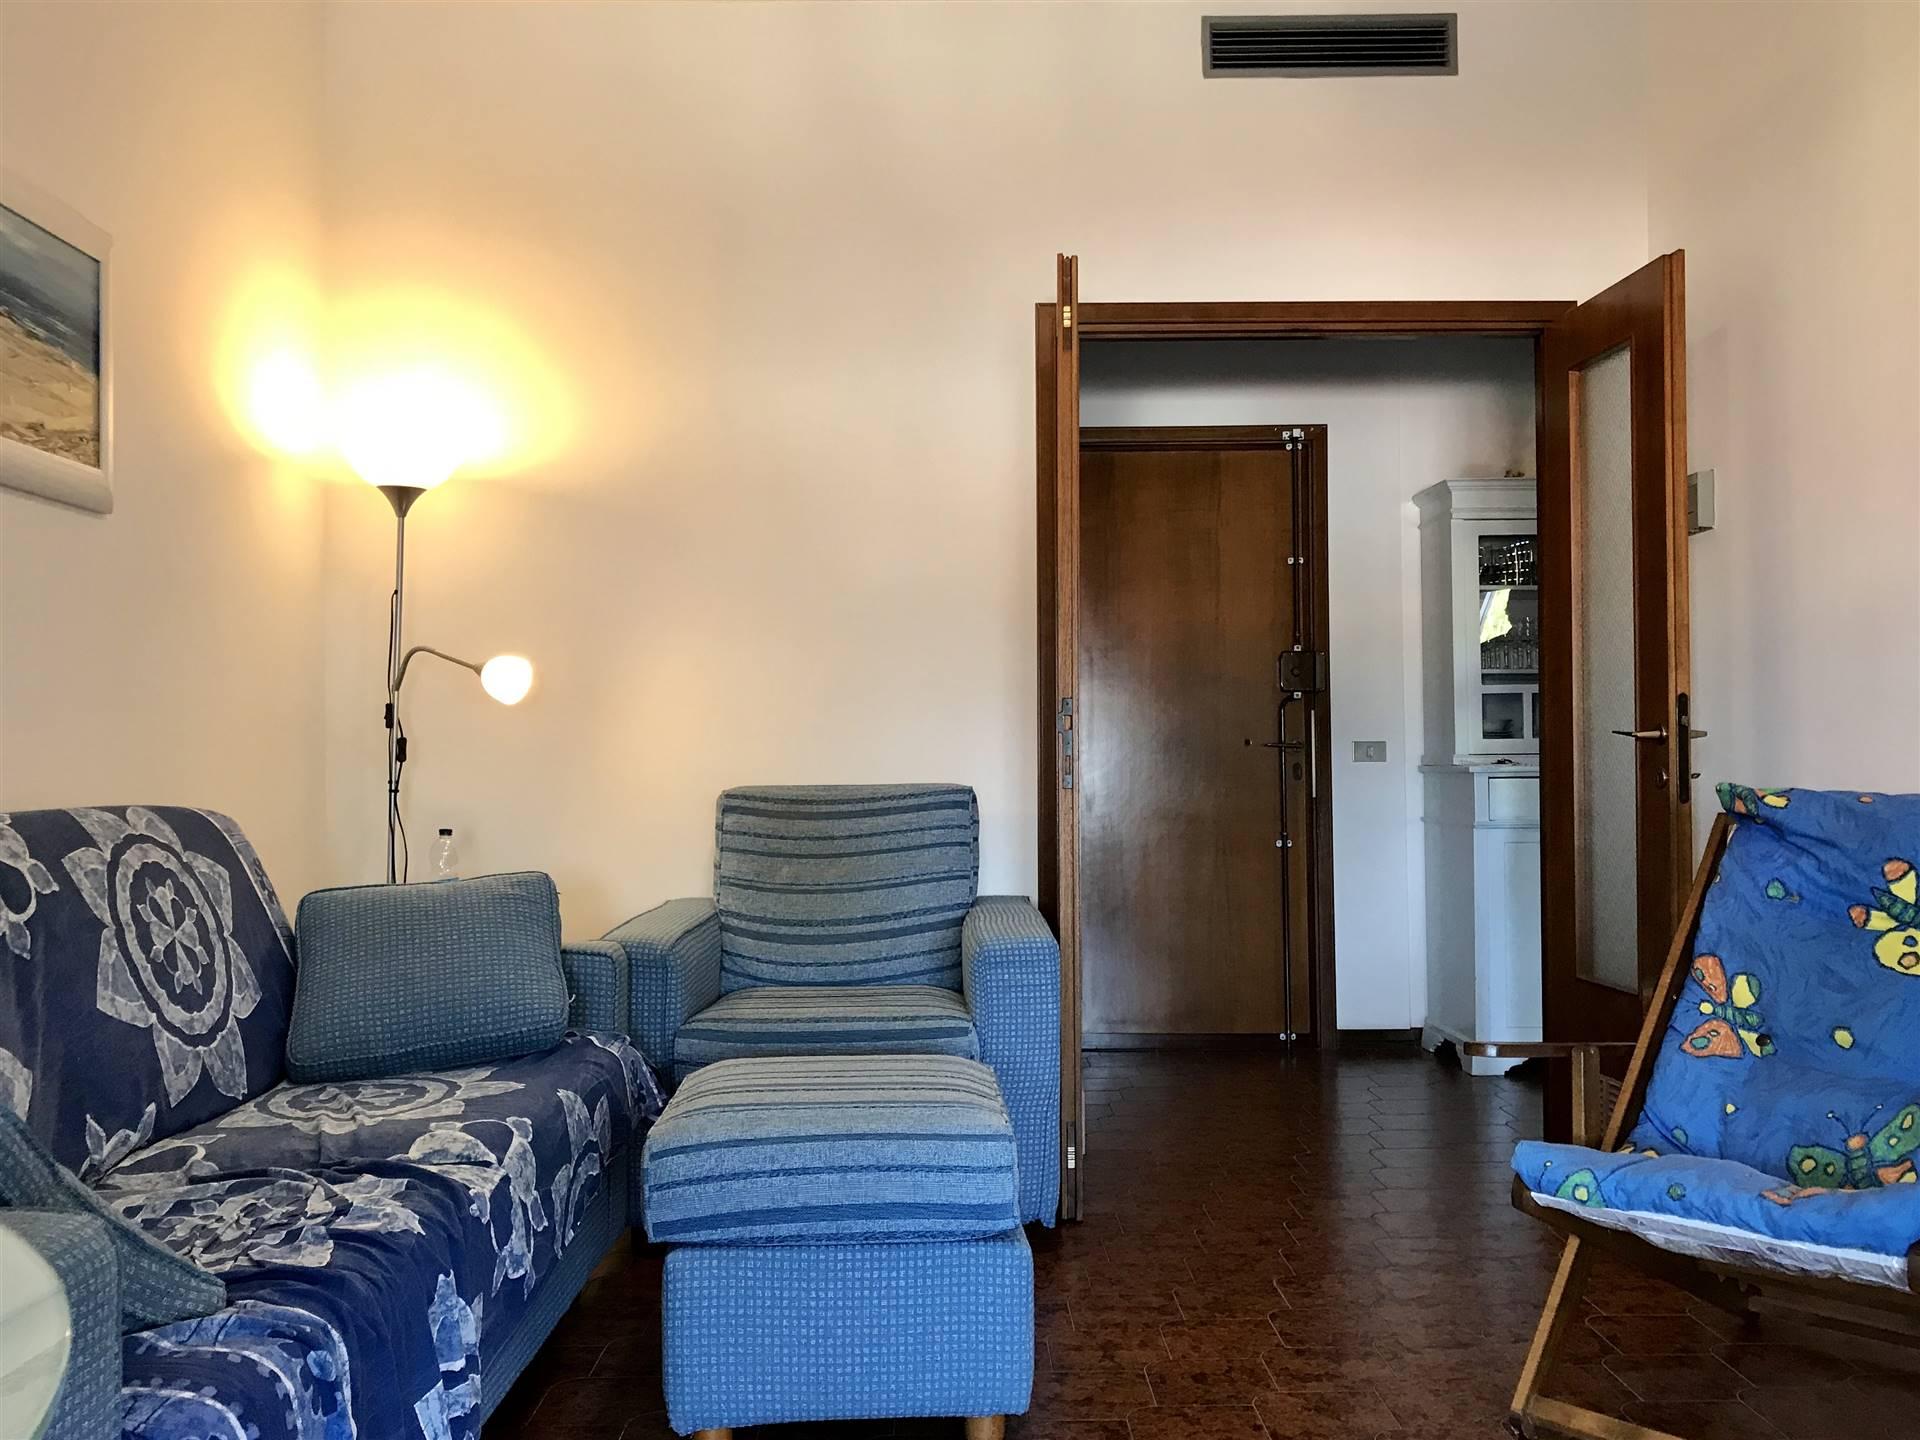 A Viareggio a pochi metri dalla Darsena e a soli 800 mt dal mare proponiamo per la vendita ampio appartamento con balcone abitabile, ottimo per pranzi e cene all'aperto. L'immobile si trova in bel